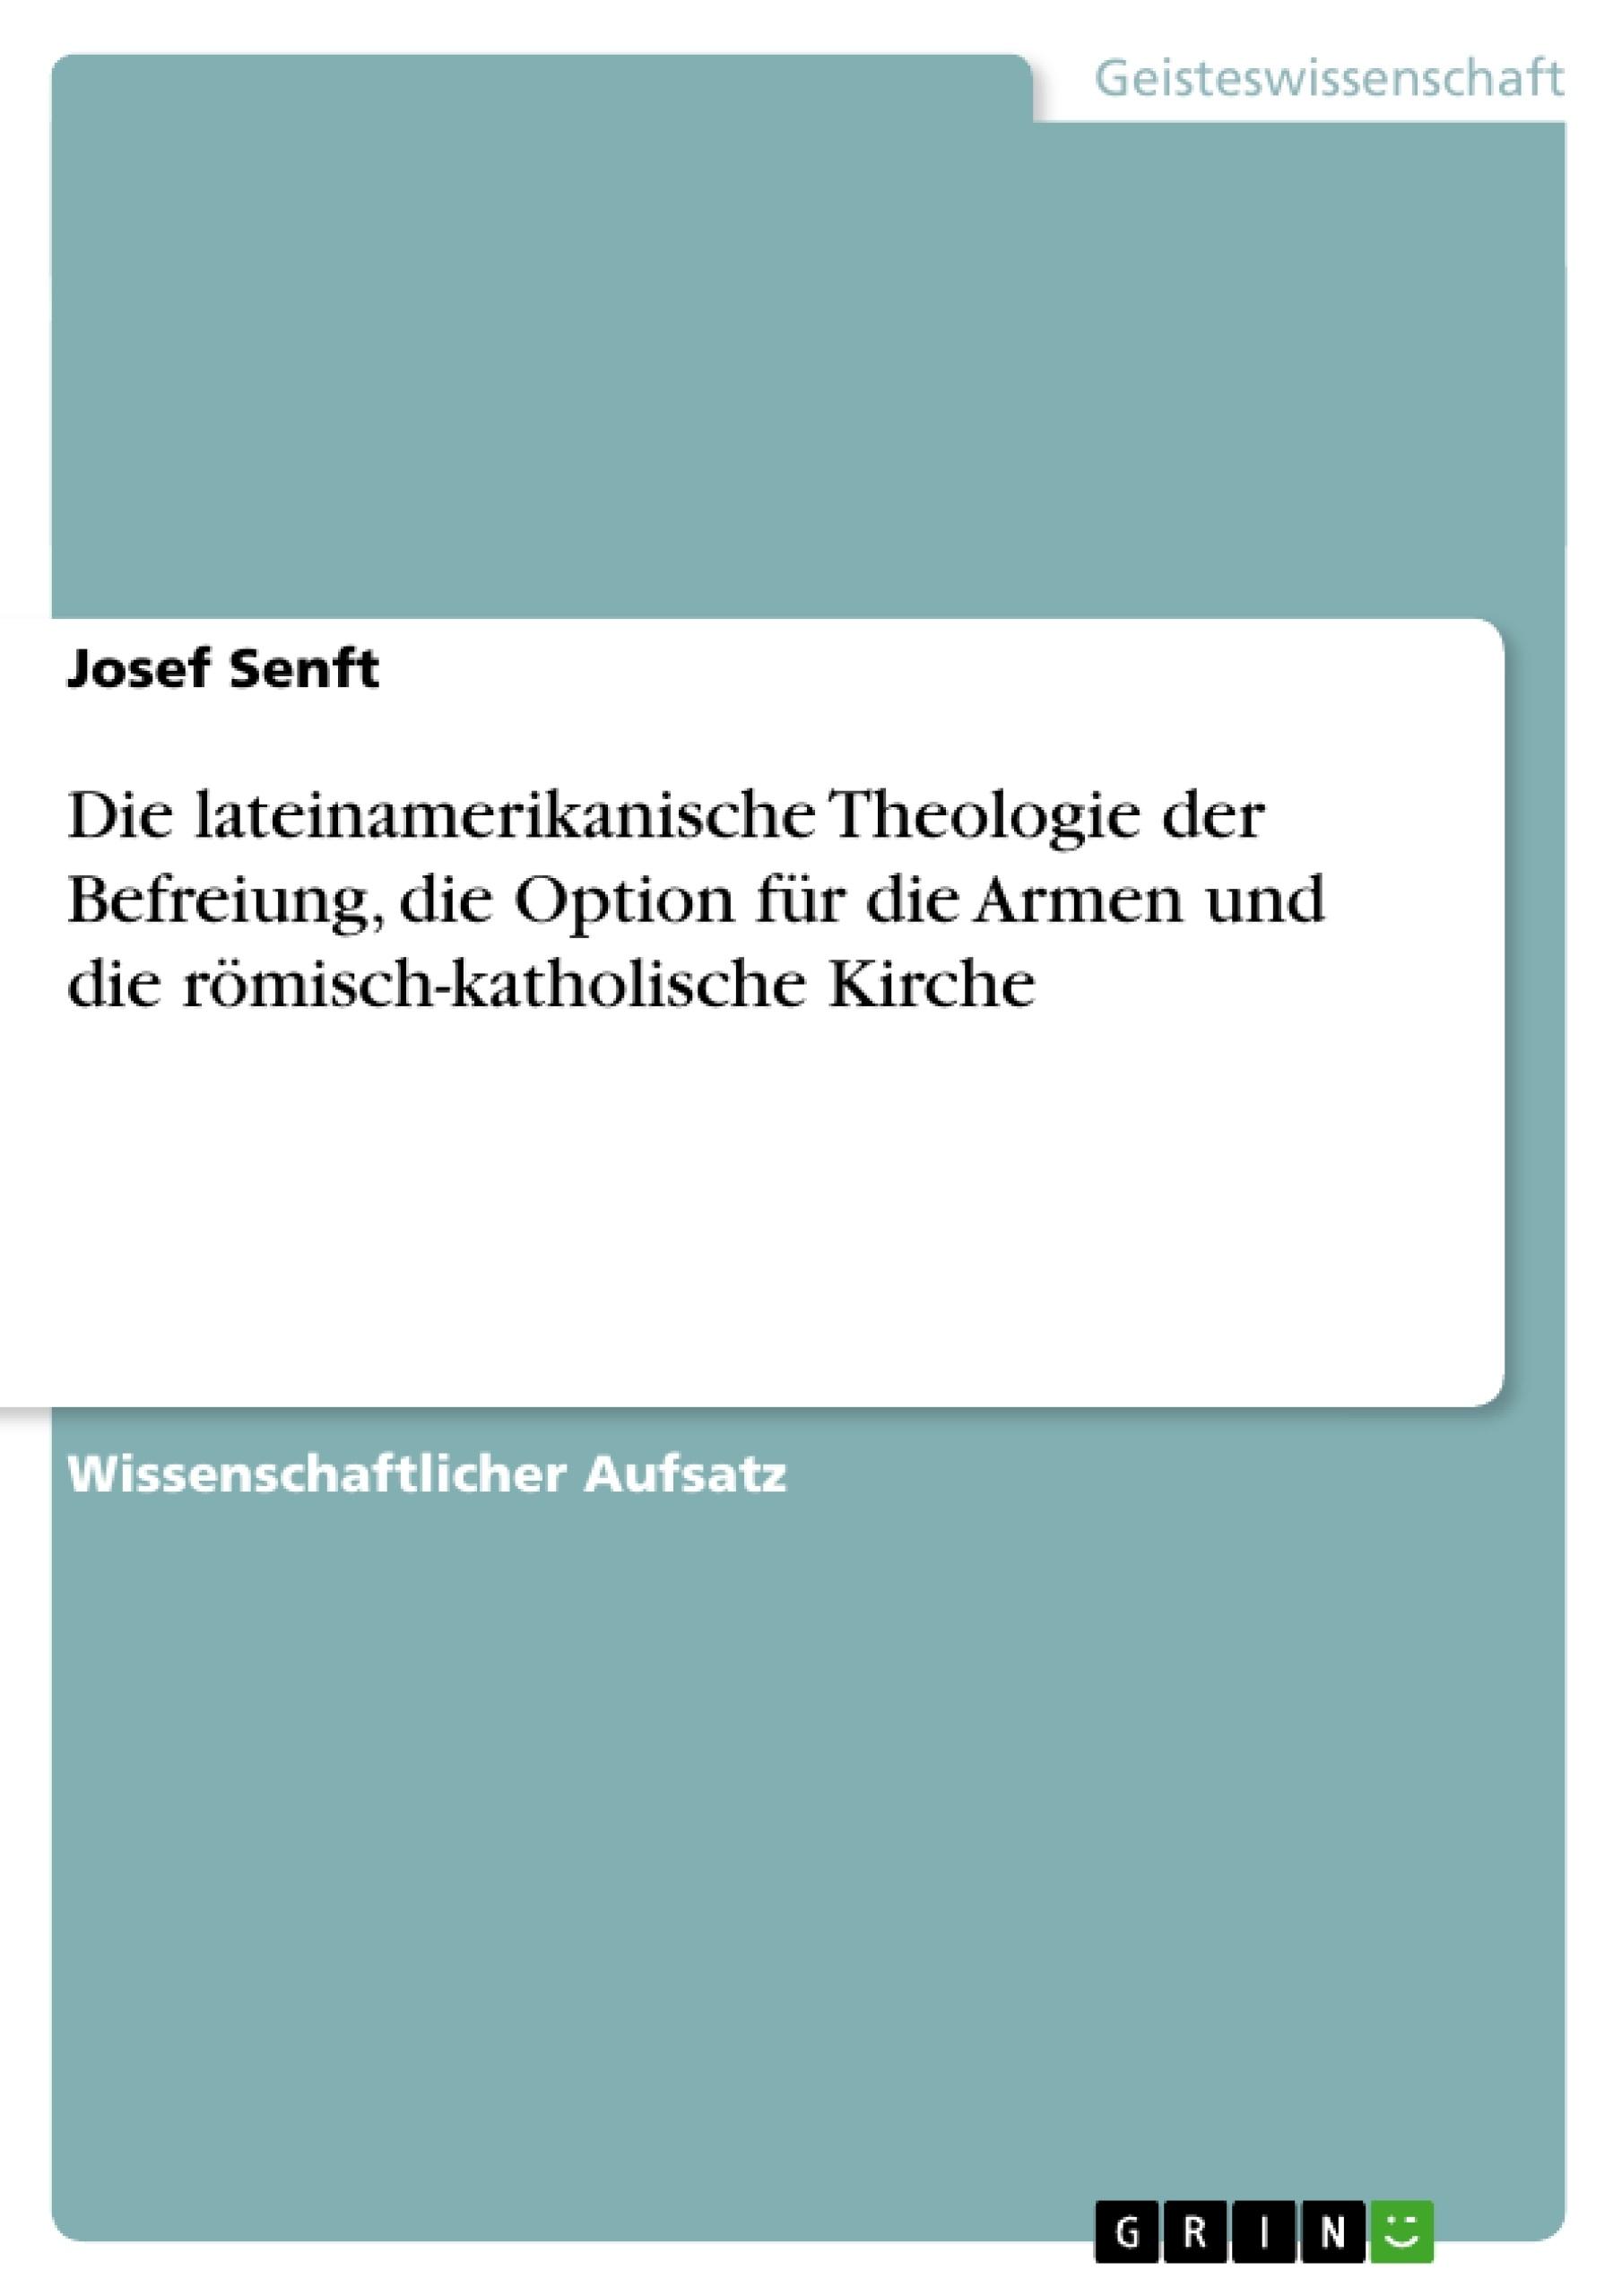 Titel: Die lateinamerikanische Theologie der Befreiung, die Option für die Armen und die römisch-katholische Kirche